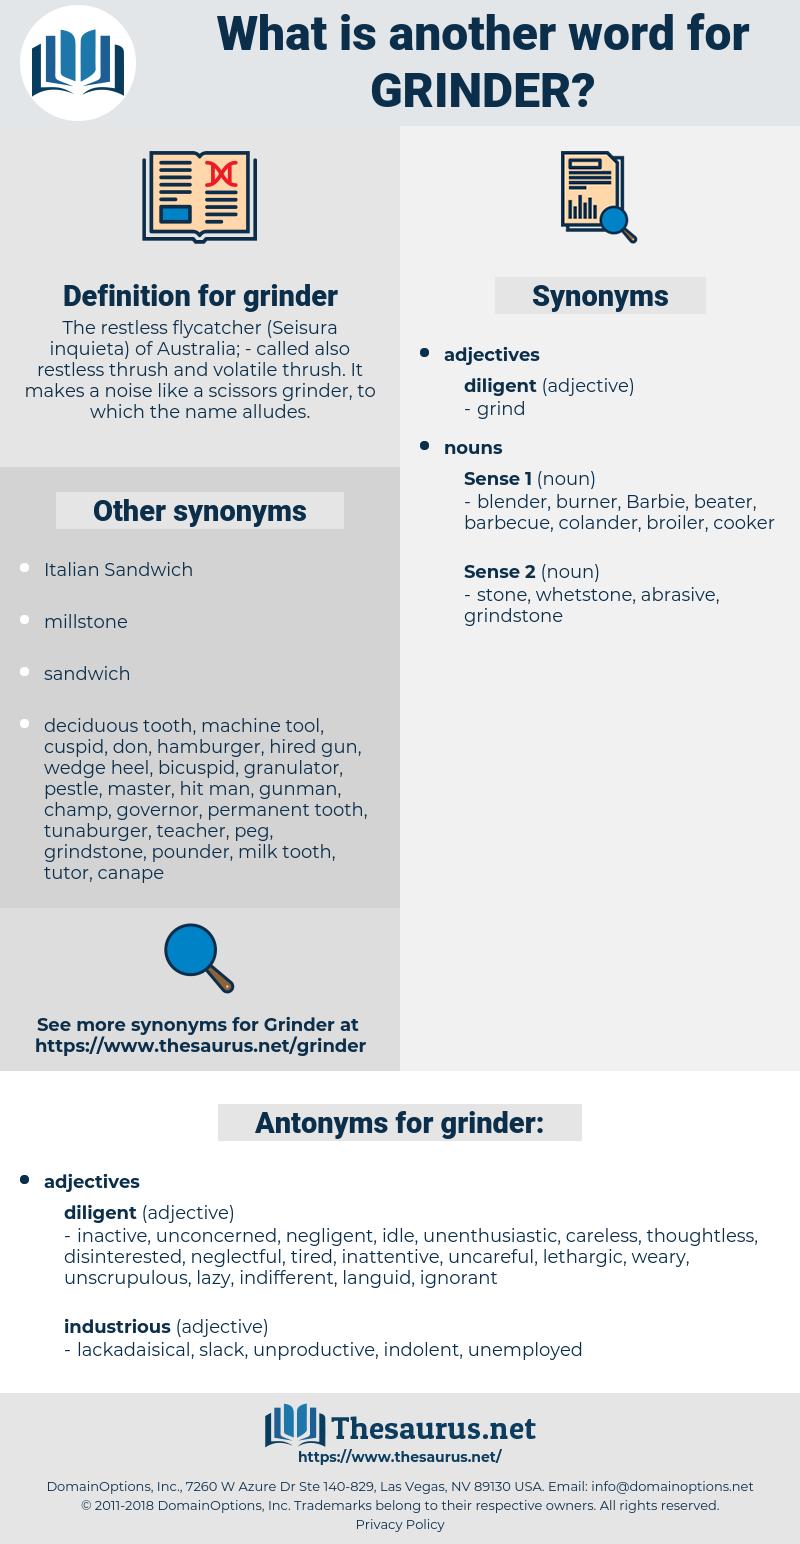 grinder, synonym grinder, another word for grinder, words like grinder, thesaurus grinder